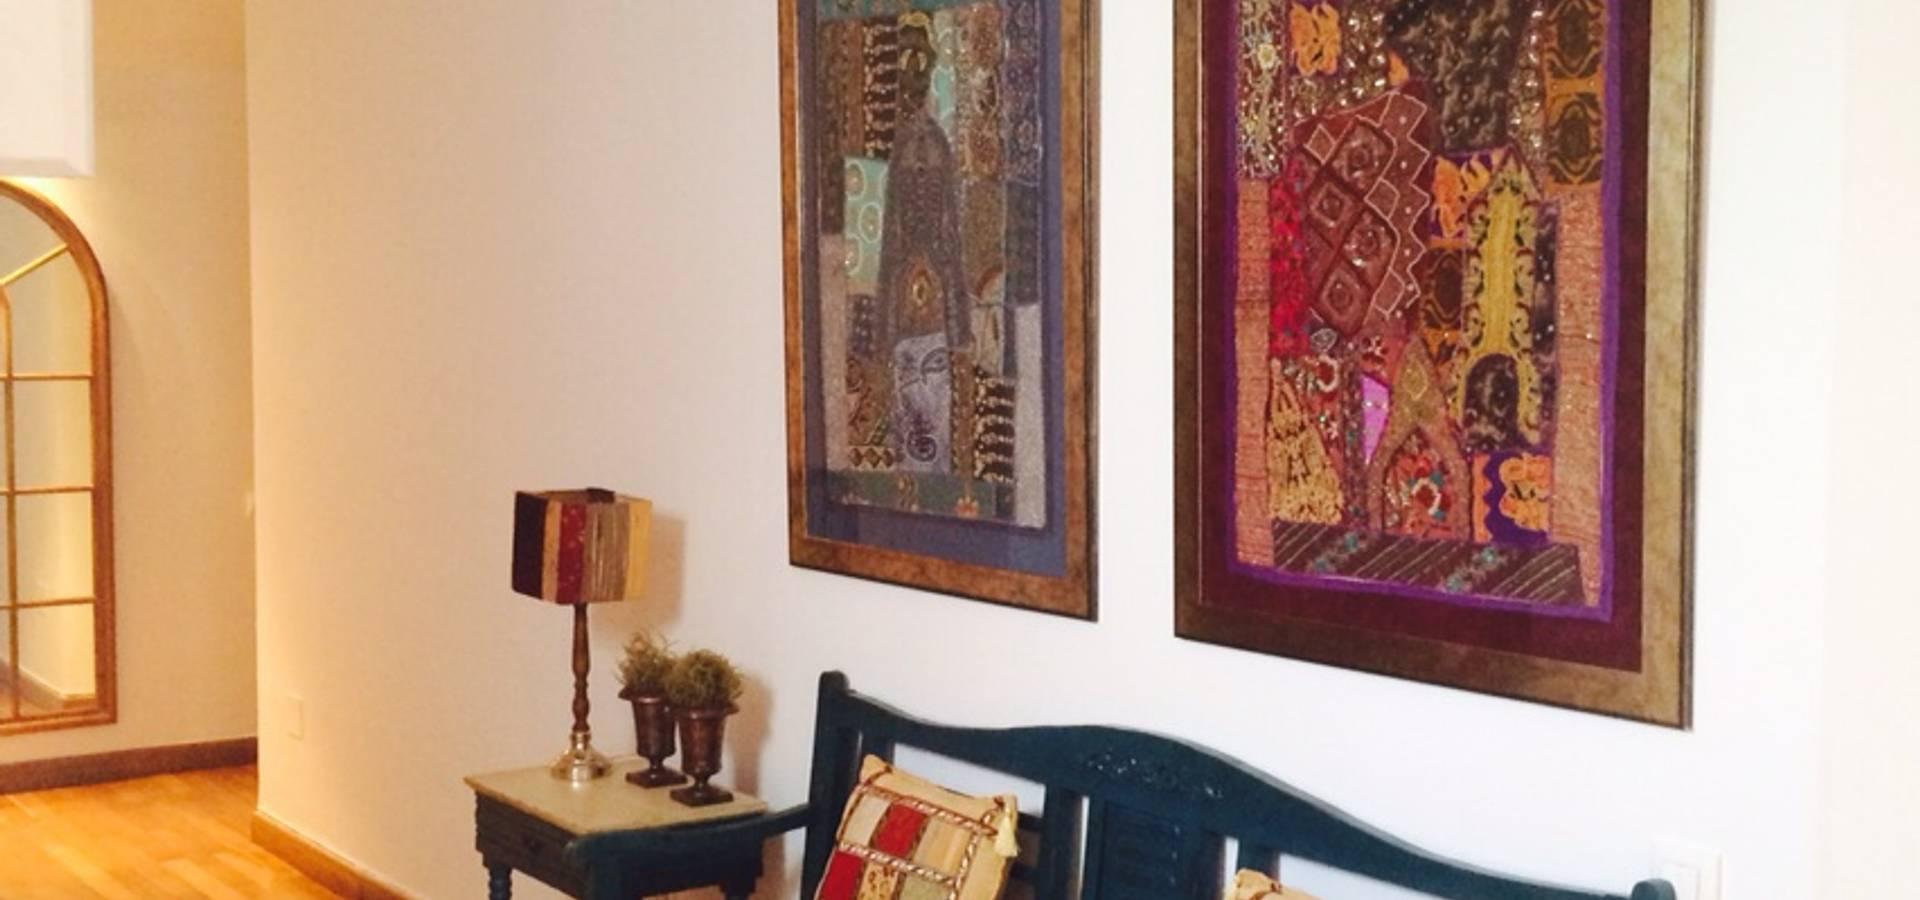 Diego camacho decoracion decoradores y dise adores de - Disenadores de interiores espanoles ...